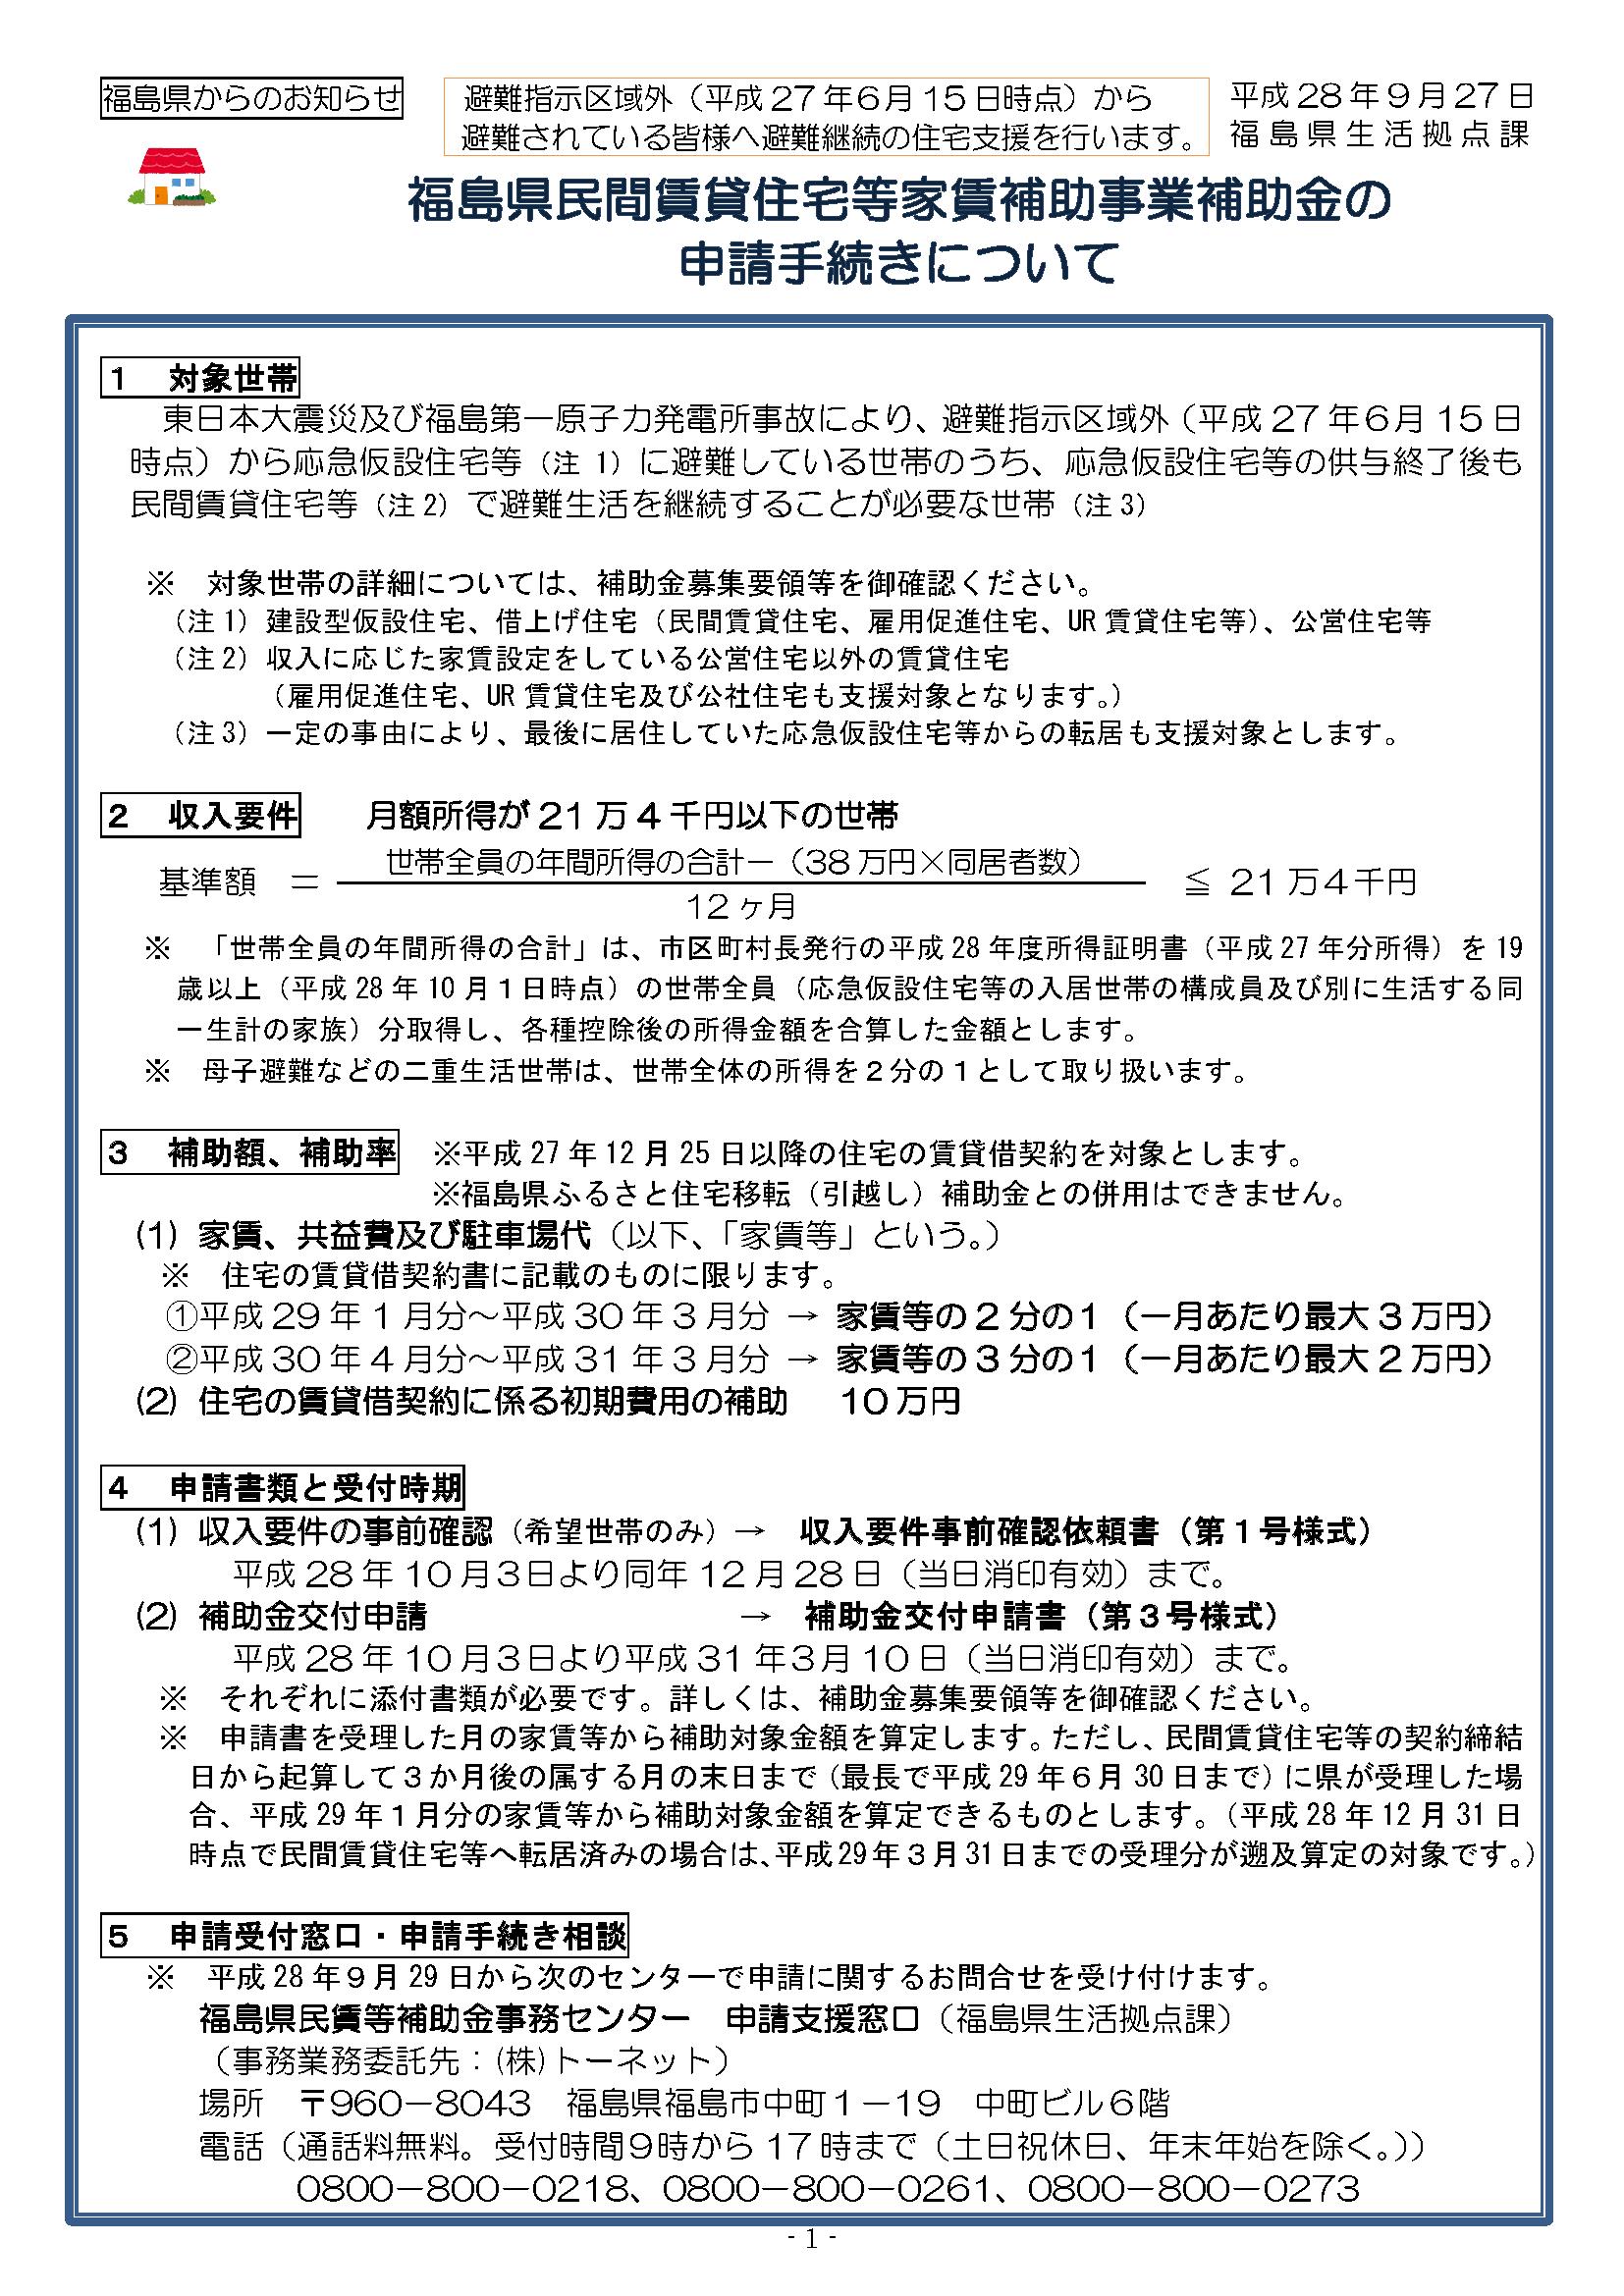 福島県民間賃貸住宅等家賃補助金の収入要件事前確認は12月28日まで!(4月からも山形での生活を継続する方へ)